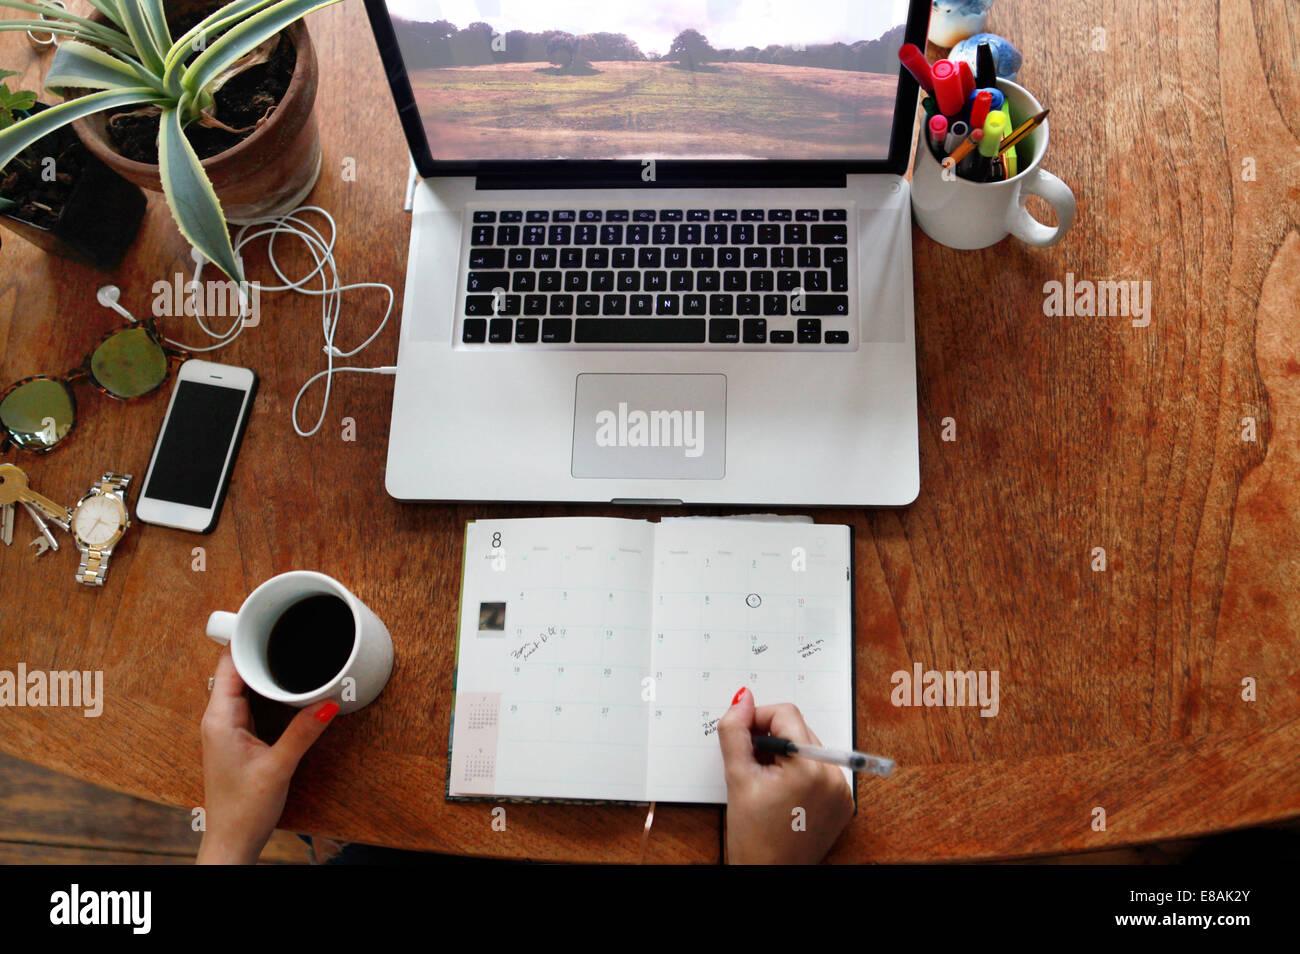 Personne qui écrit dans journal intime avec un ordinateur portable sur 24 Photo Stock